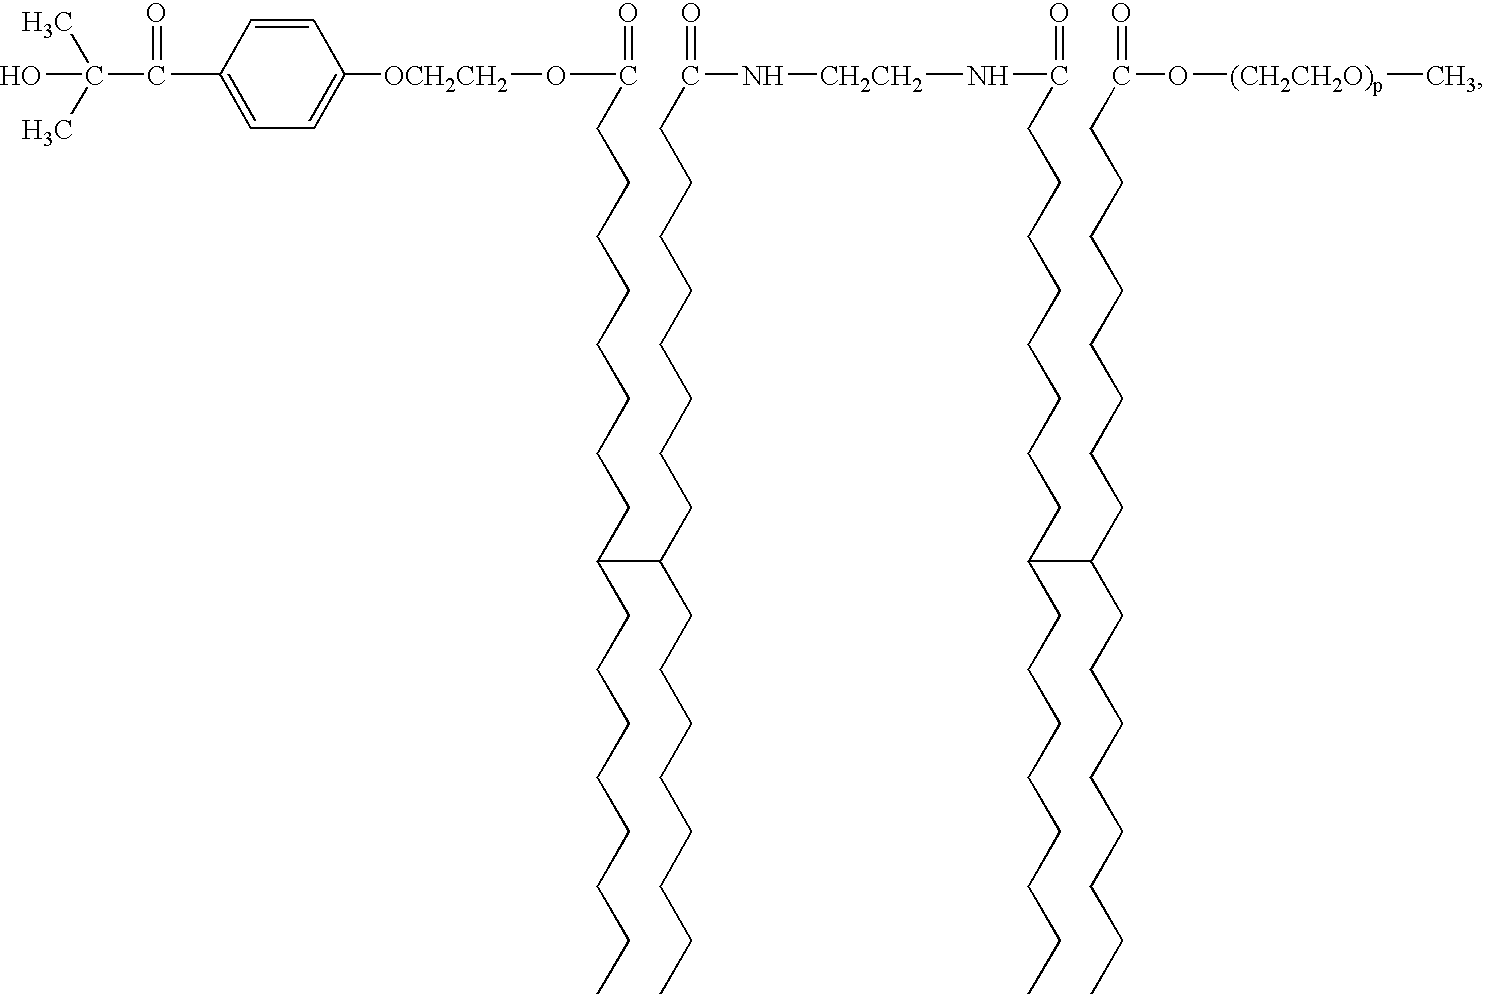 Figure US07279587-20071009-C00026